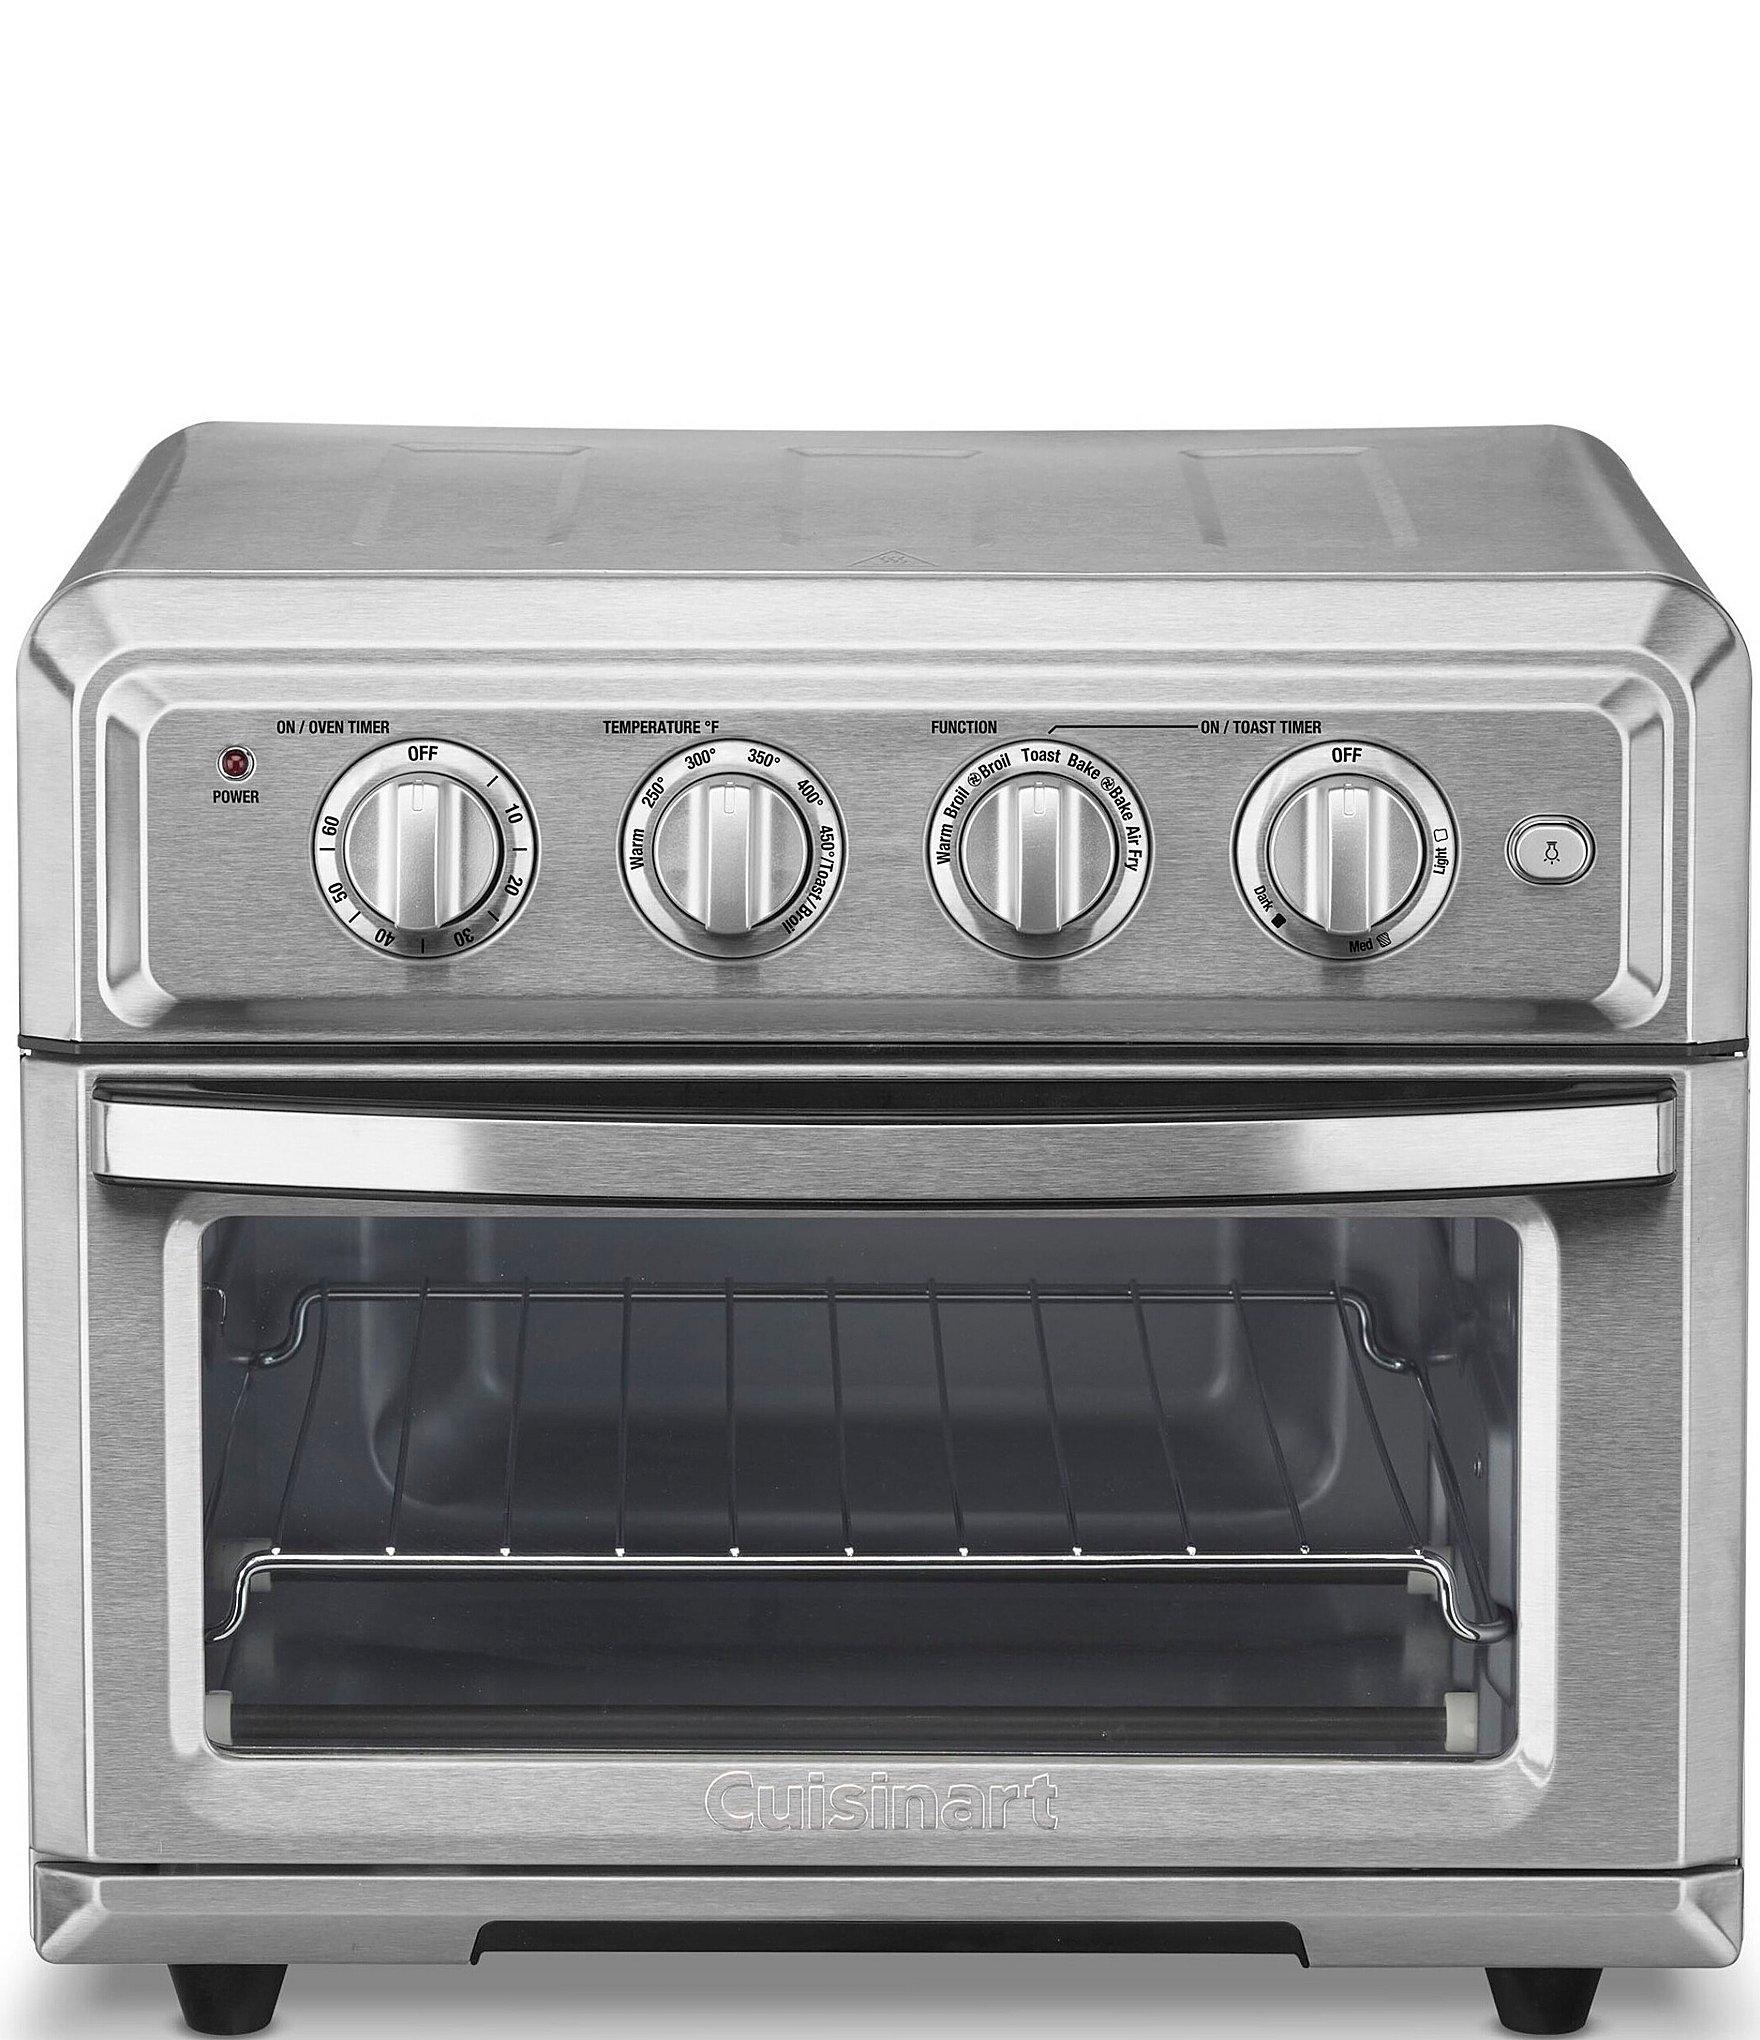 Cuisinart Air Fryer Toaster Oven Dillard S